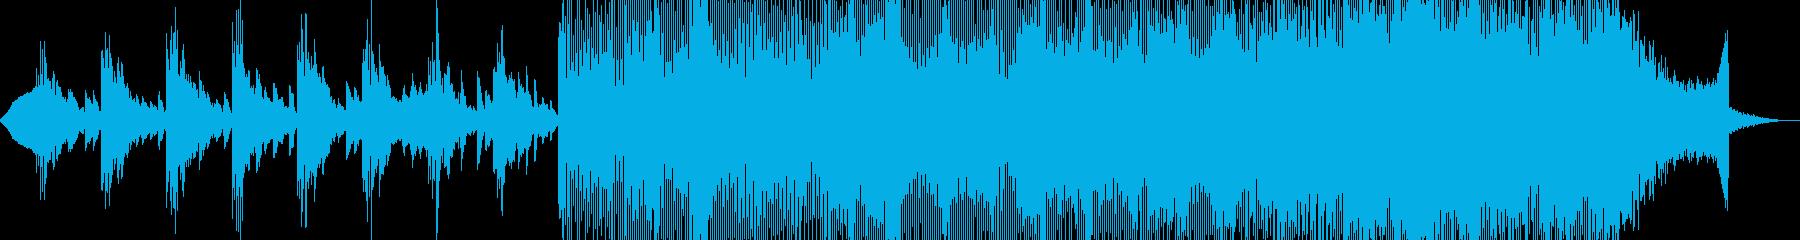 実験的な アクティブ 明るい ゆっ...の再生済みの波形